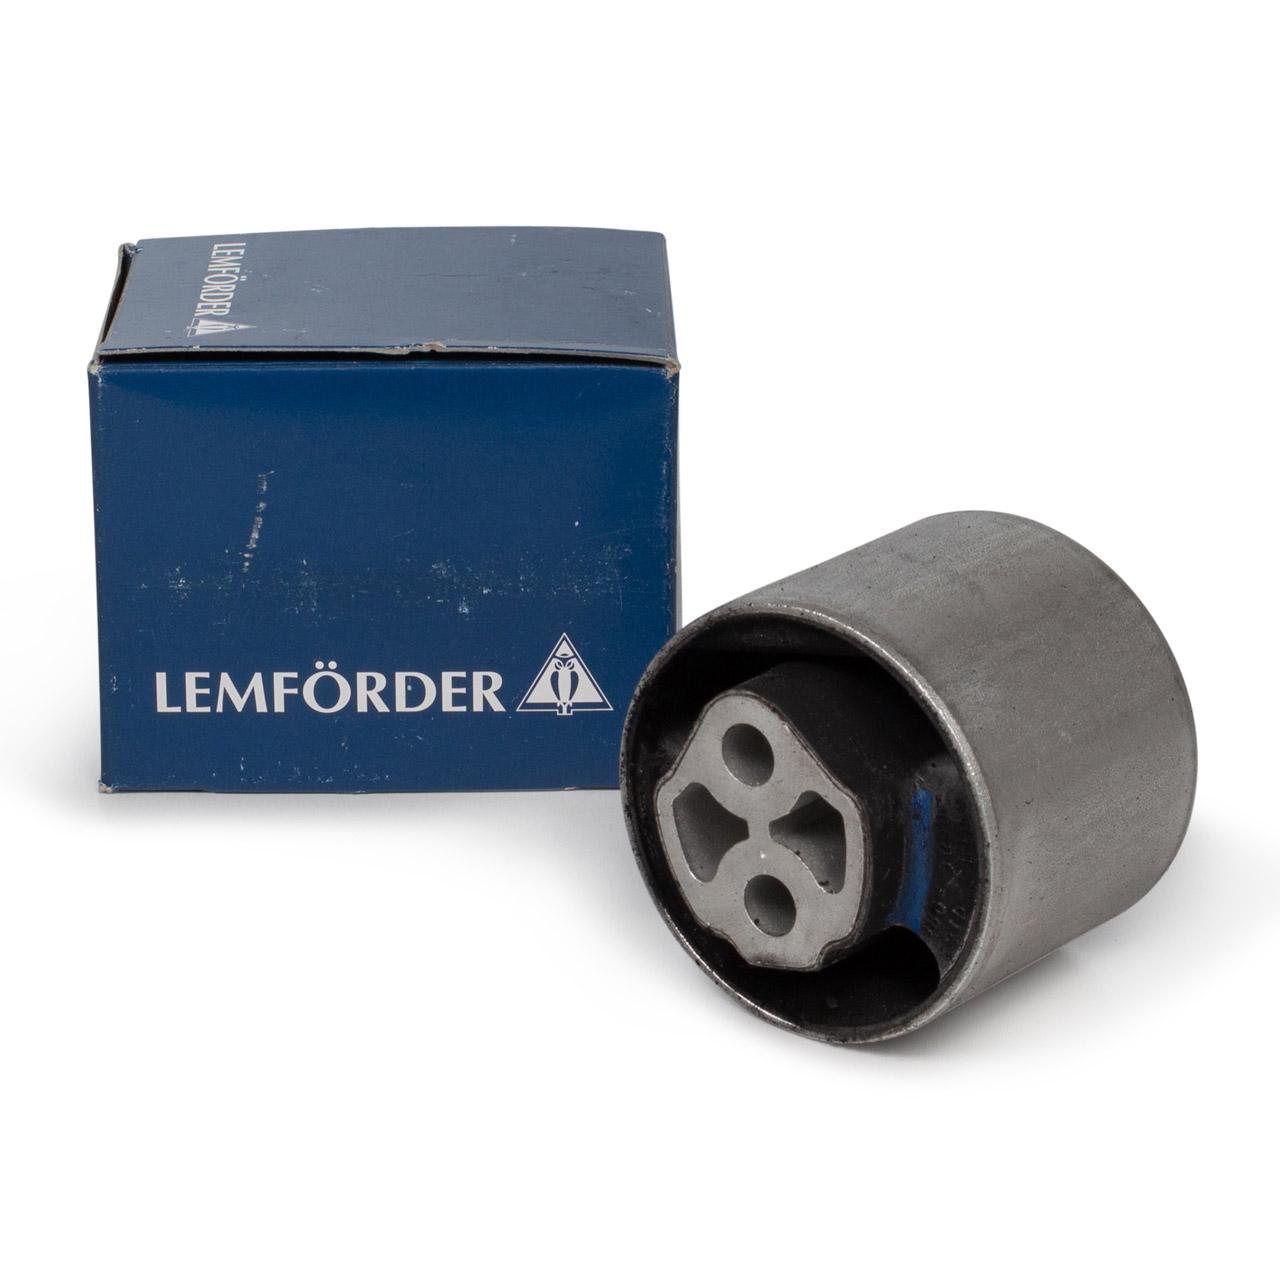 LEMFÖRDER Getriebelager Lagerung Getriebe PORSCHE 996 3.4 / 3.6 Carrera